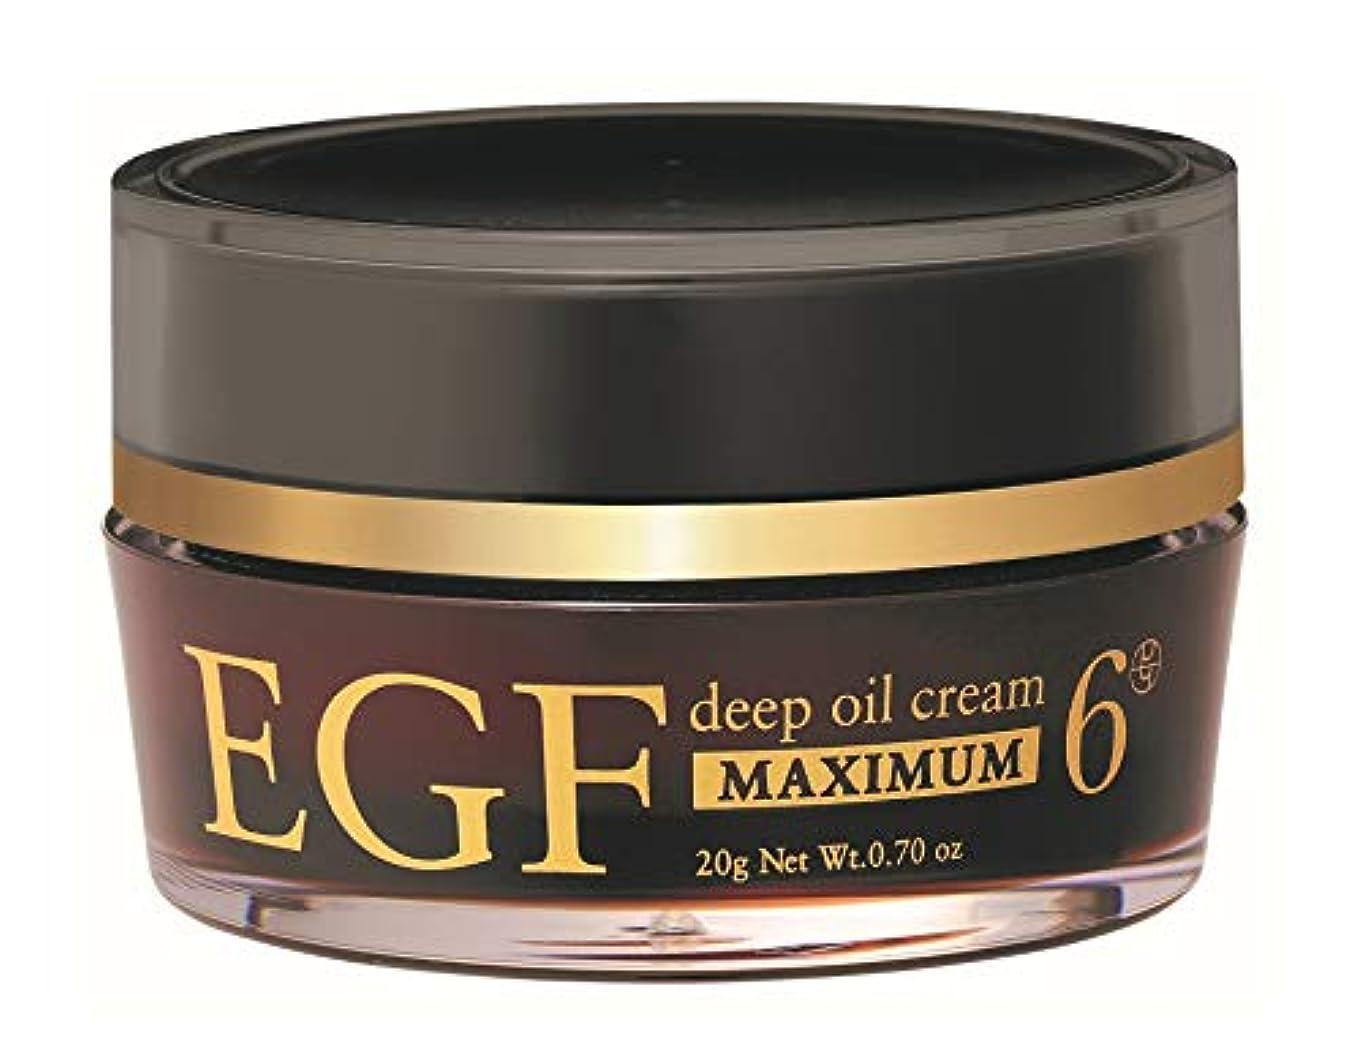 損傷潜む振り返る【高濃度EGFクリーム】EGF ディープオイルクリーム マキシマム 20g